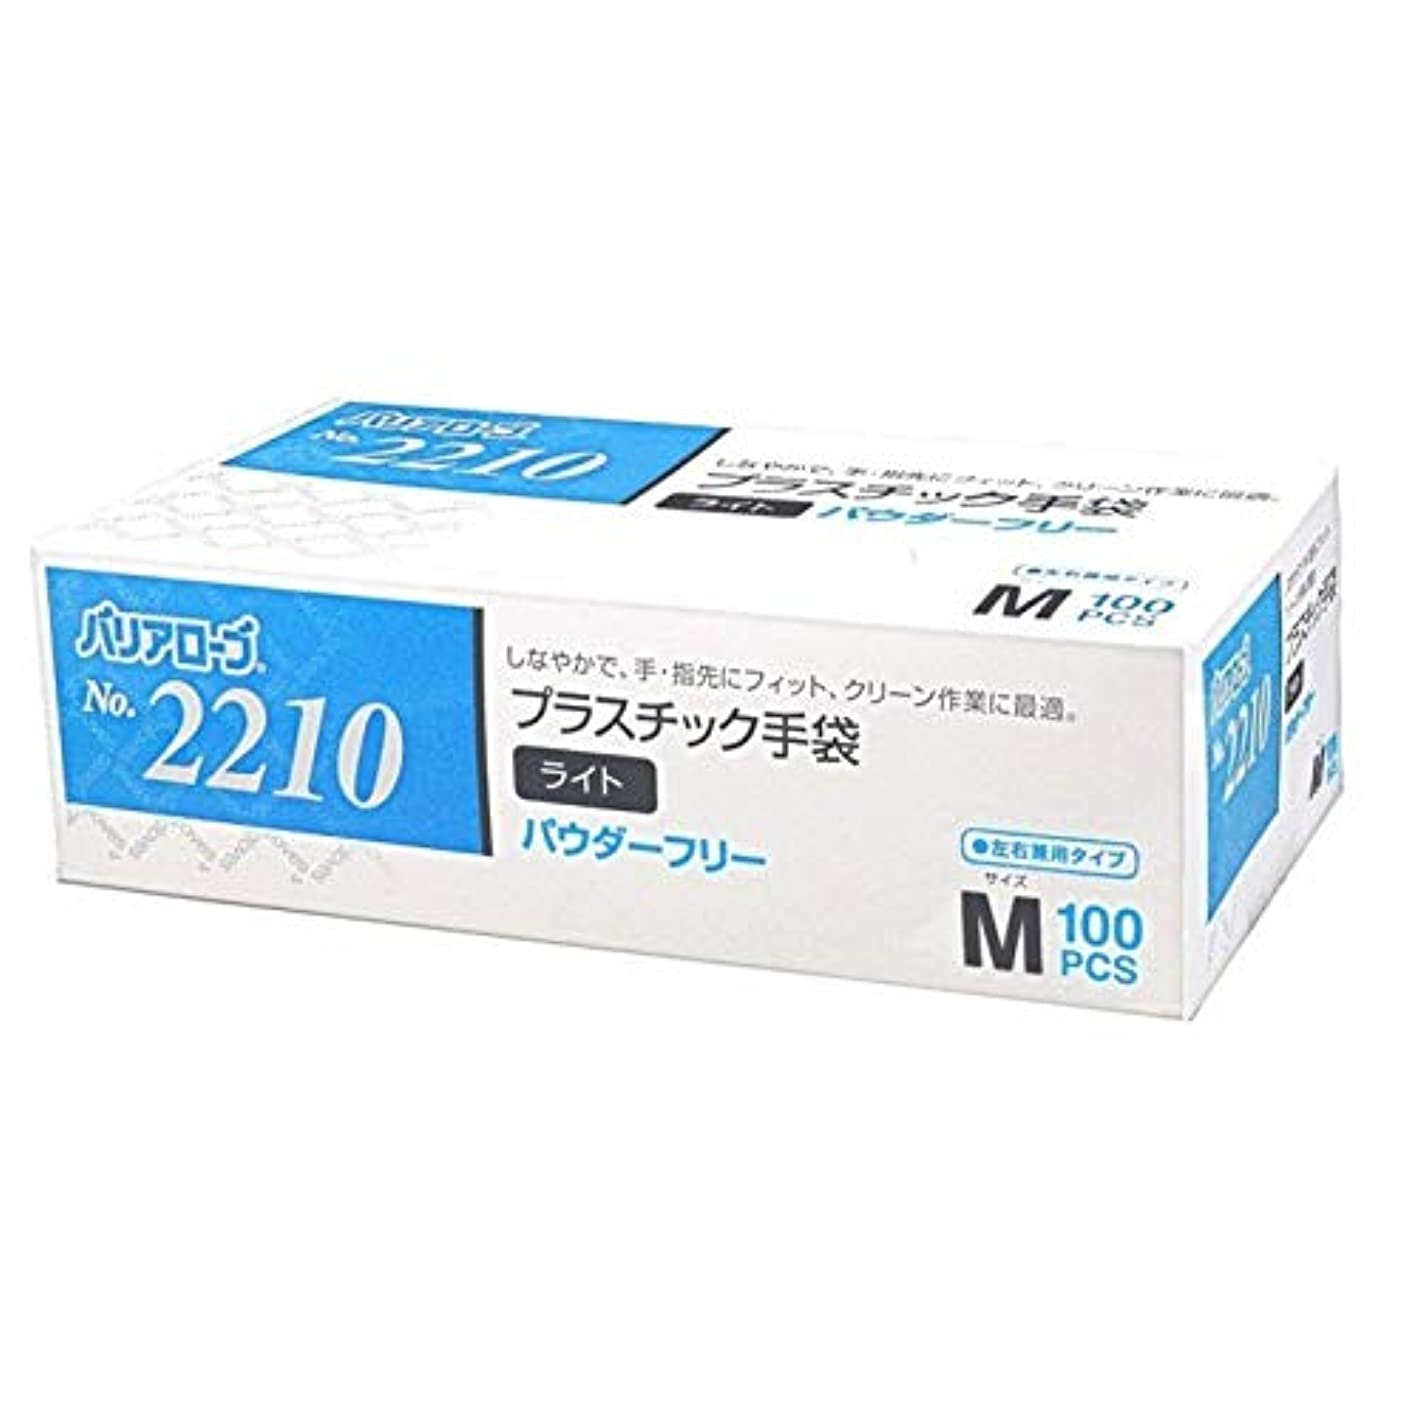 オペレーターええ真剣に【ケース販売】 バリアローブ №2210 プラスチック手袋 ライト (パウダーフリー) M 2000枚(100枚×20箱)